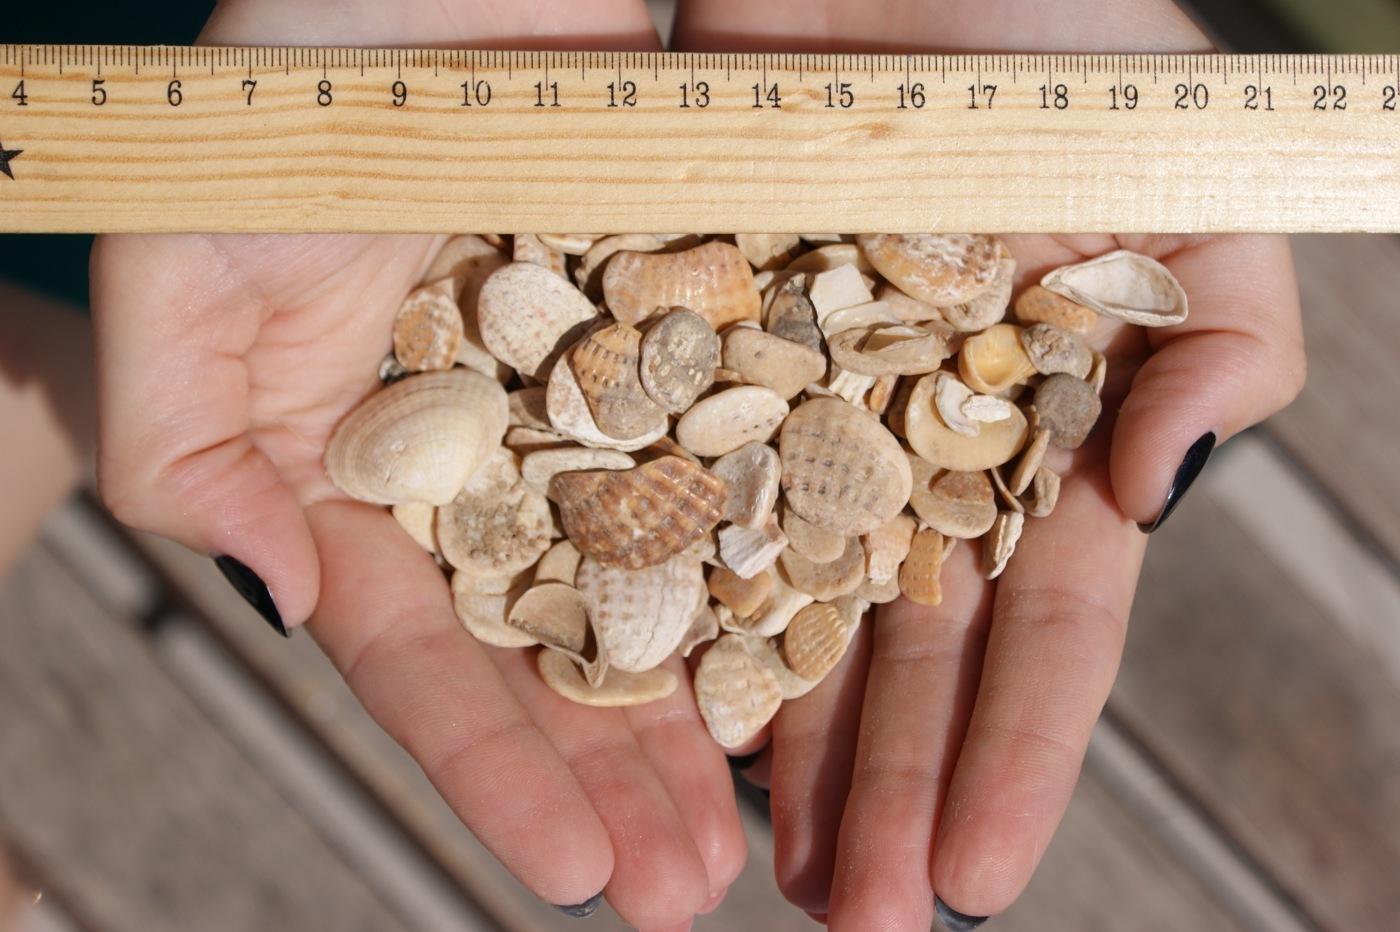 морская ракушка, фото в руке